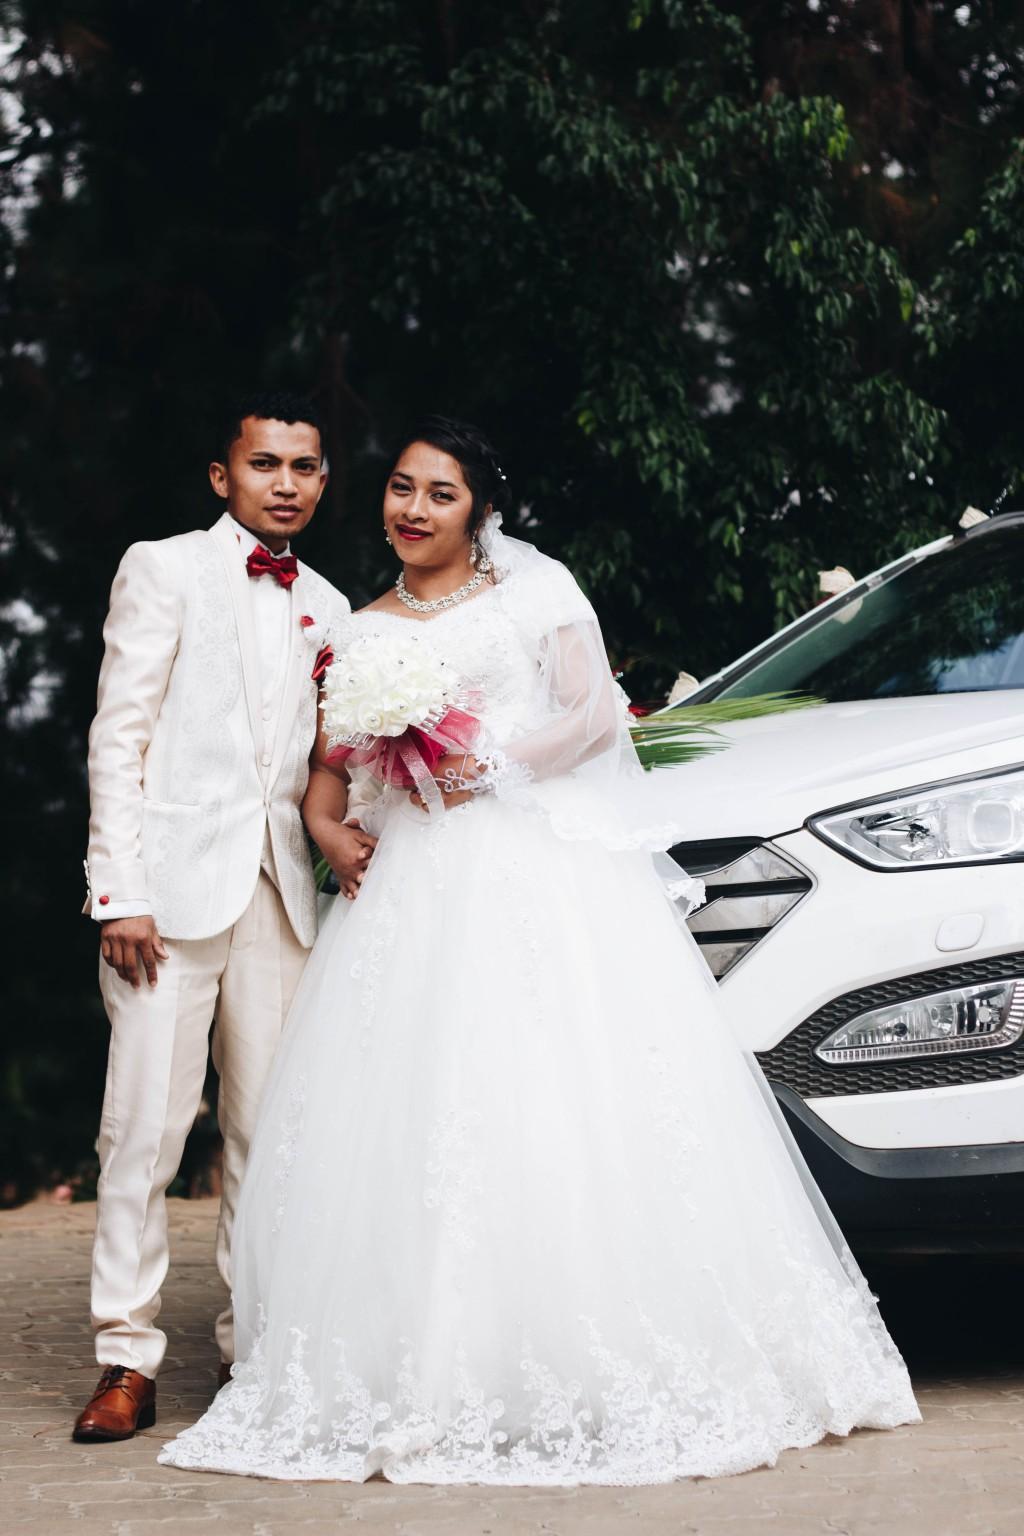 Wedding of Nomena and Tsanta